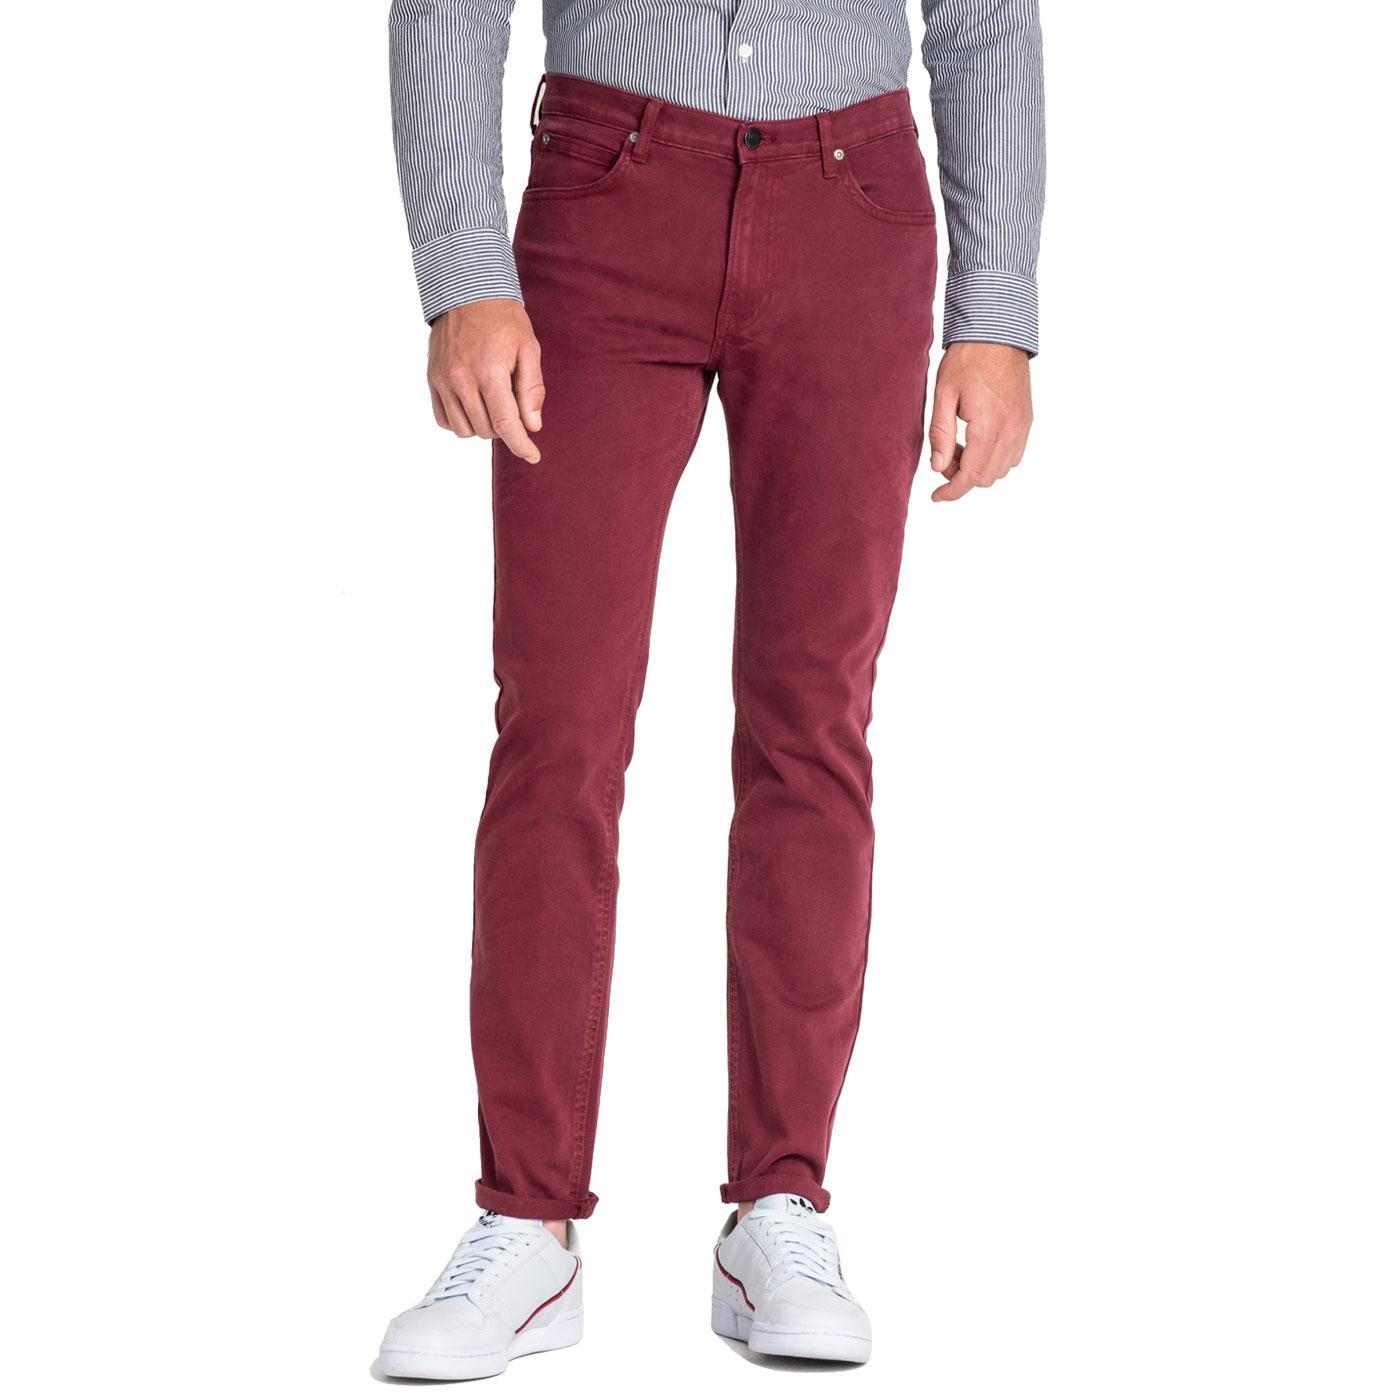 Rider LEE JEANS Slim Leg Twill Jeans - Tawny Port